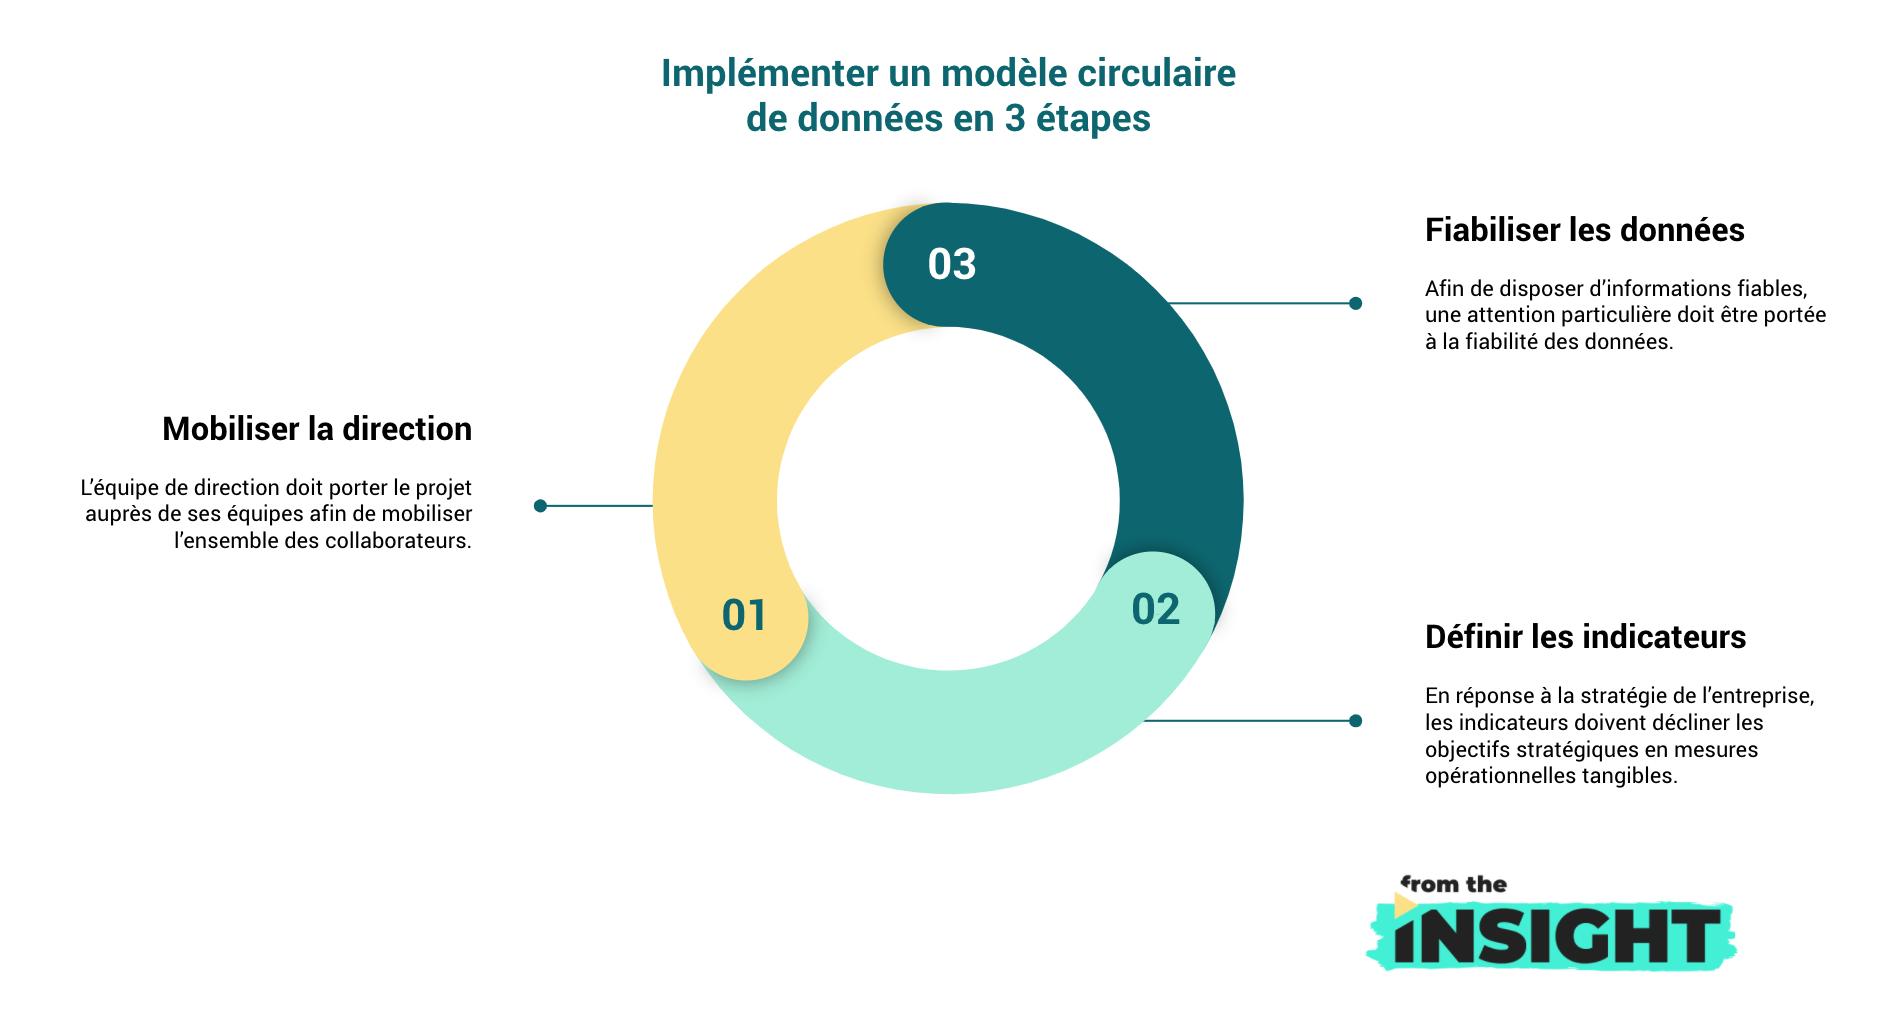 Implémenter un modèle circulaire de données en 3 étapes